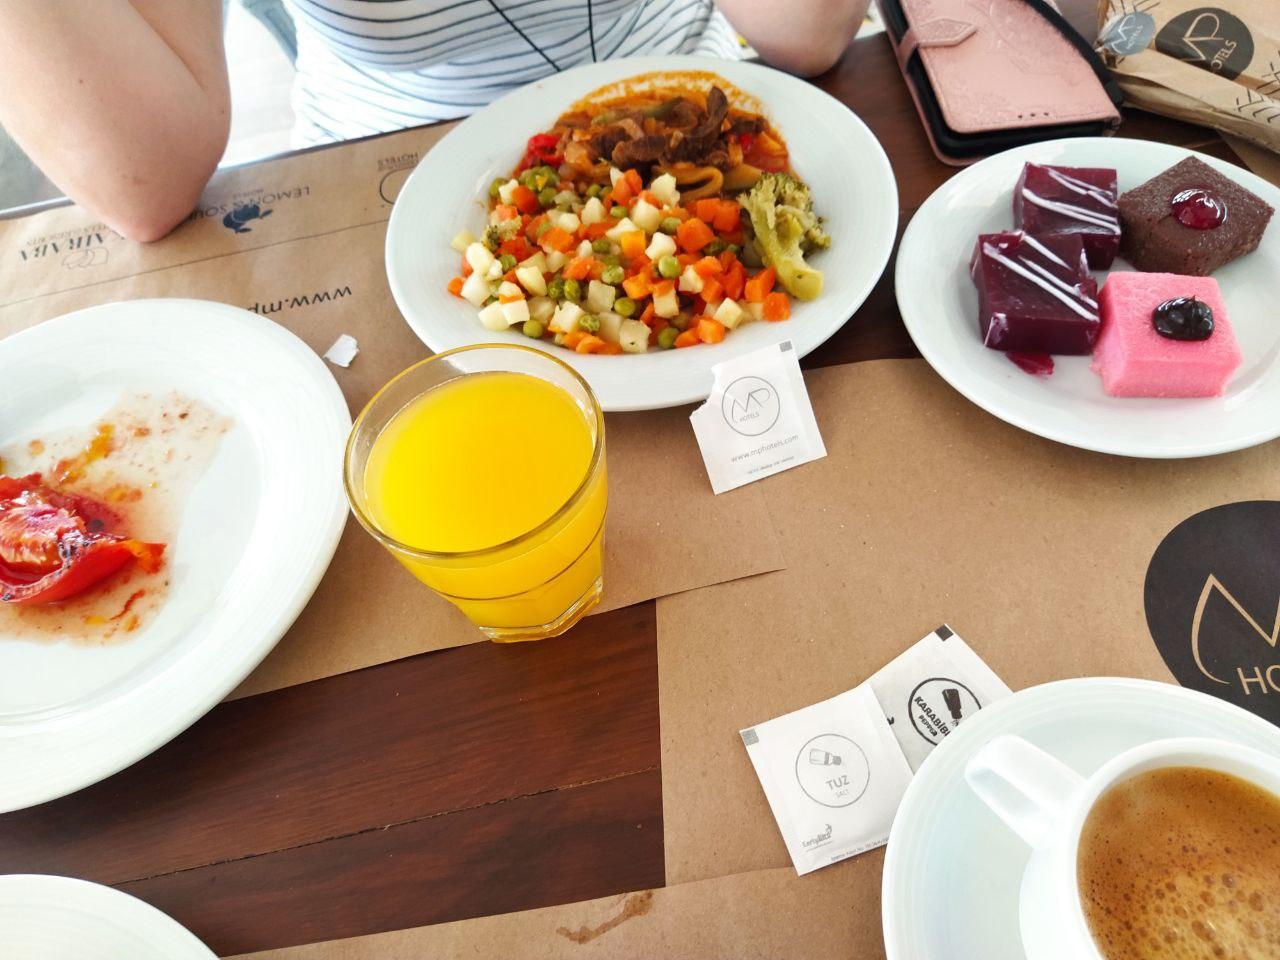 Овощи на пару, говядина по-строгановски, пироженки, кофе, апельсиновый сок